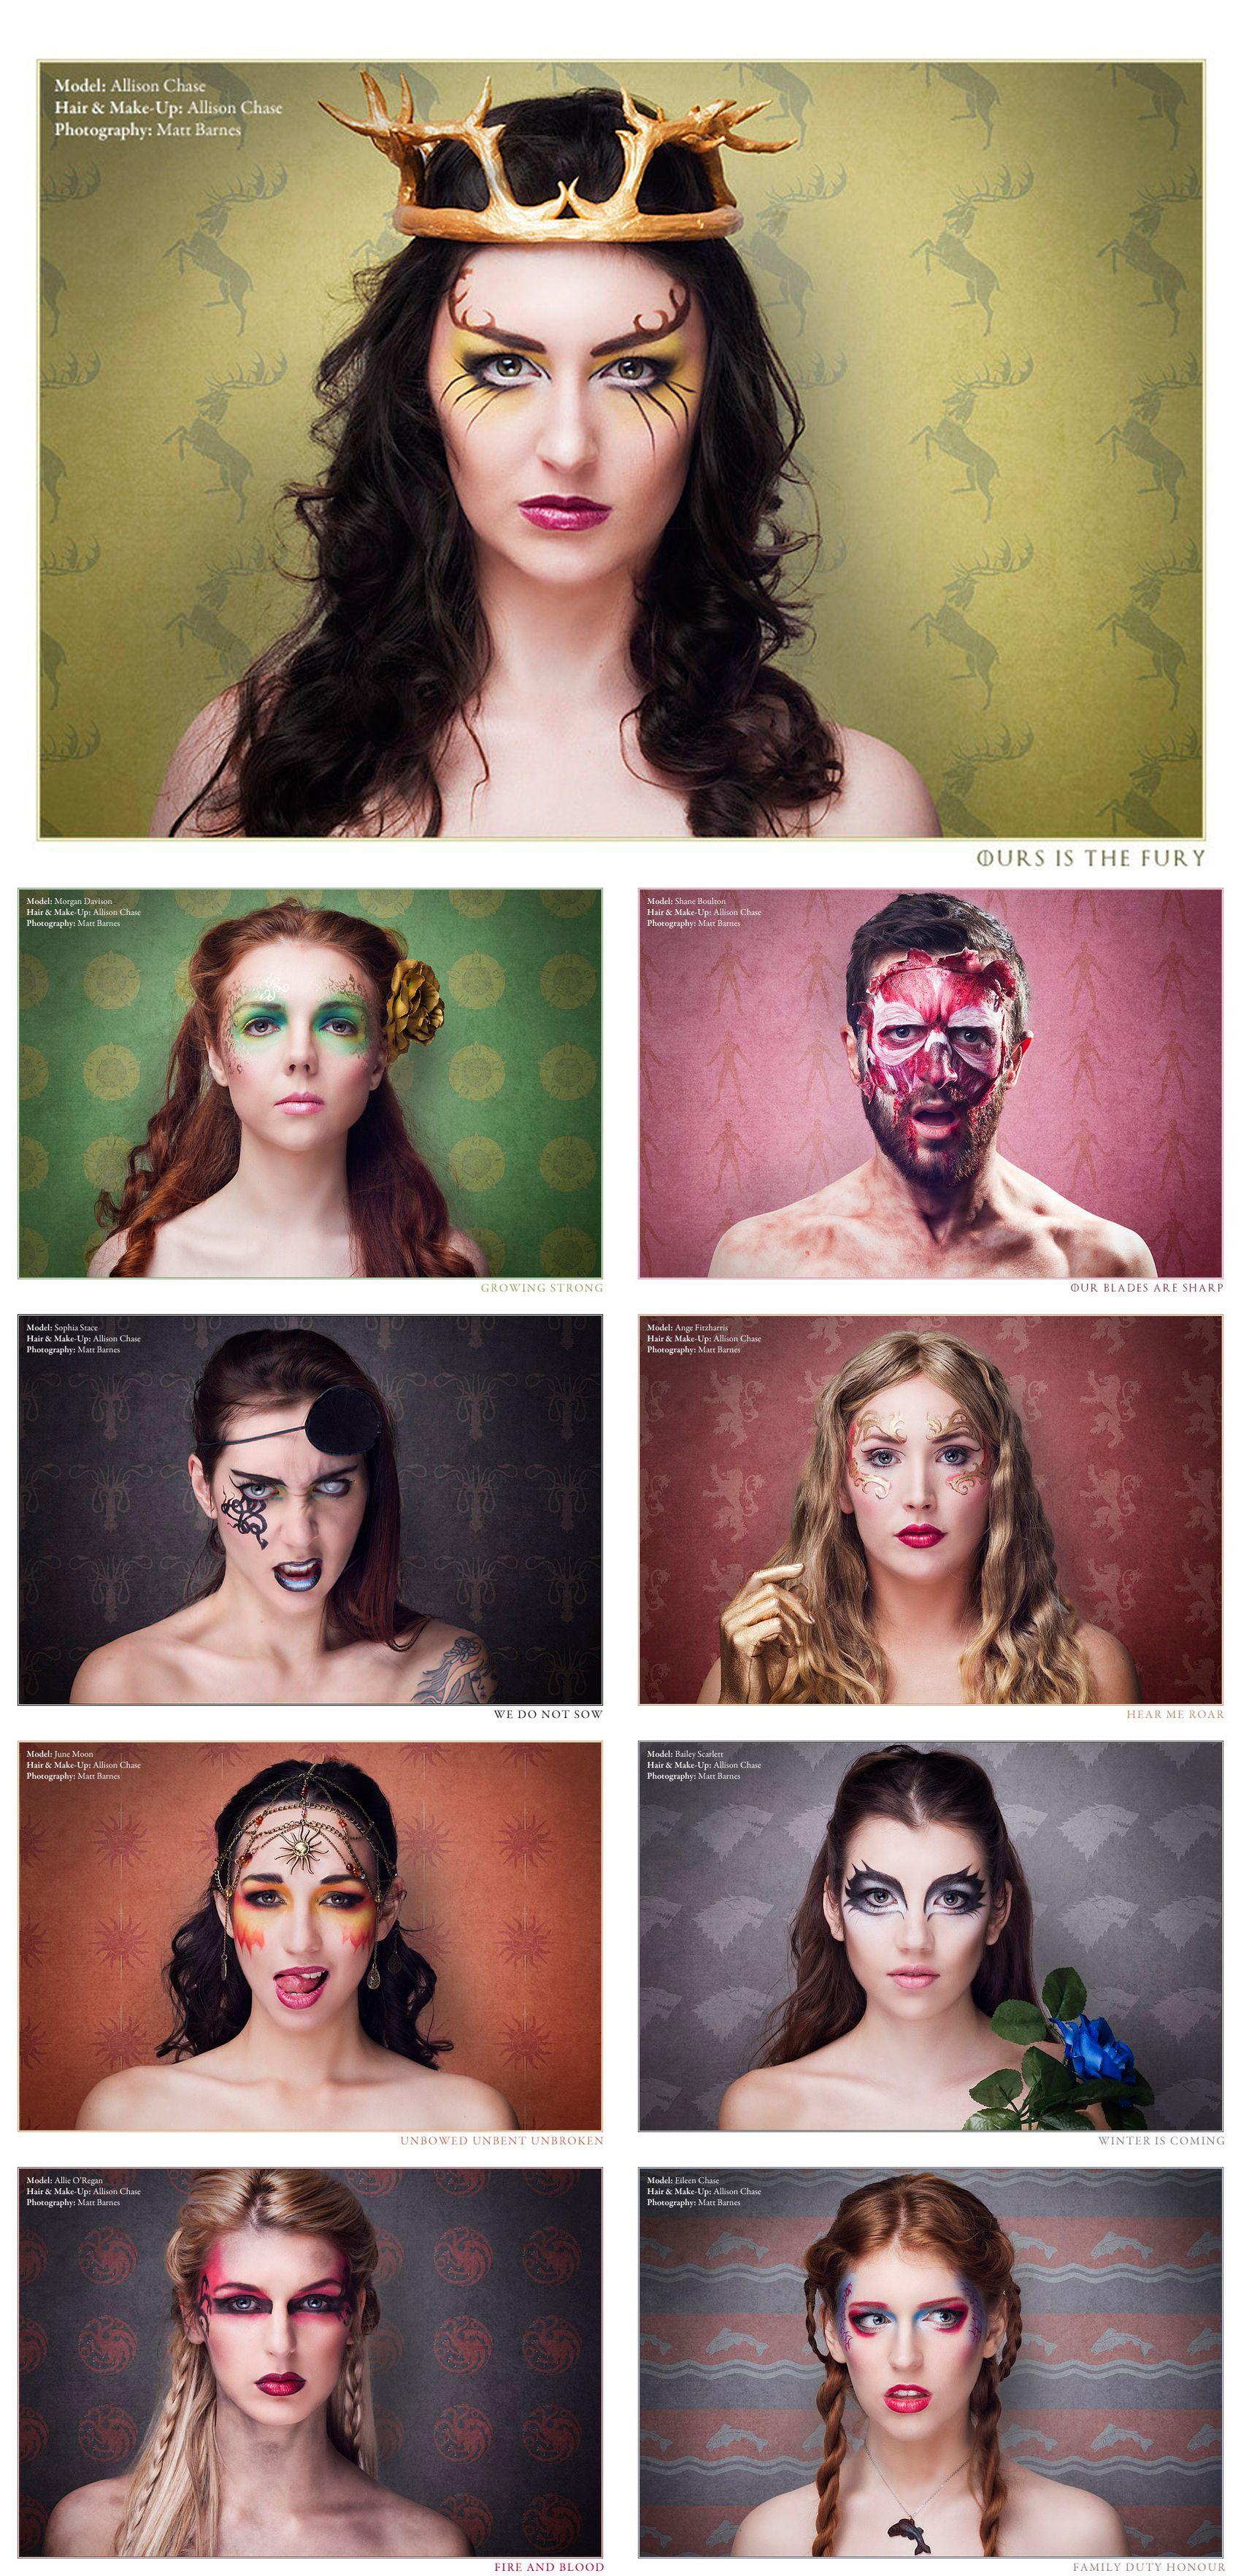 Game Of Thrones Makeup Is Fiercer Than A Dothraki Makeup Fantasy Makeup Gorgeous Makeup